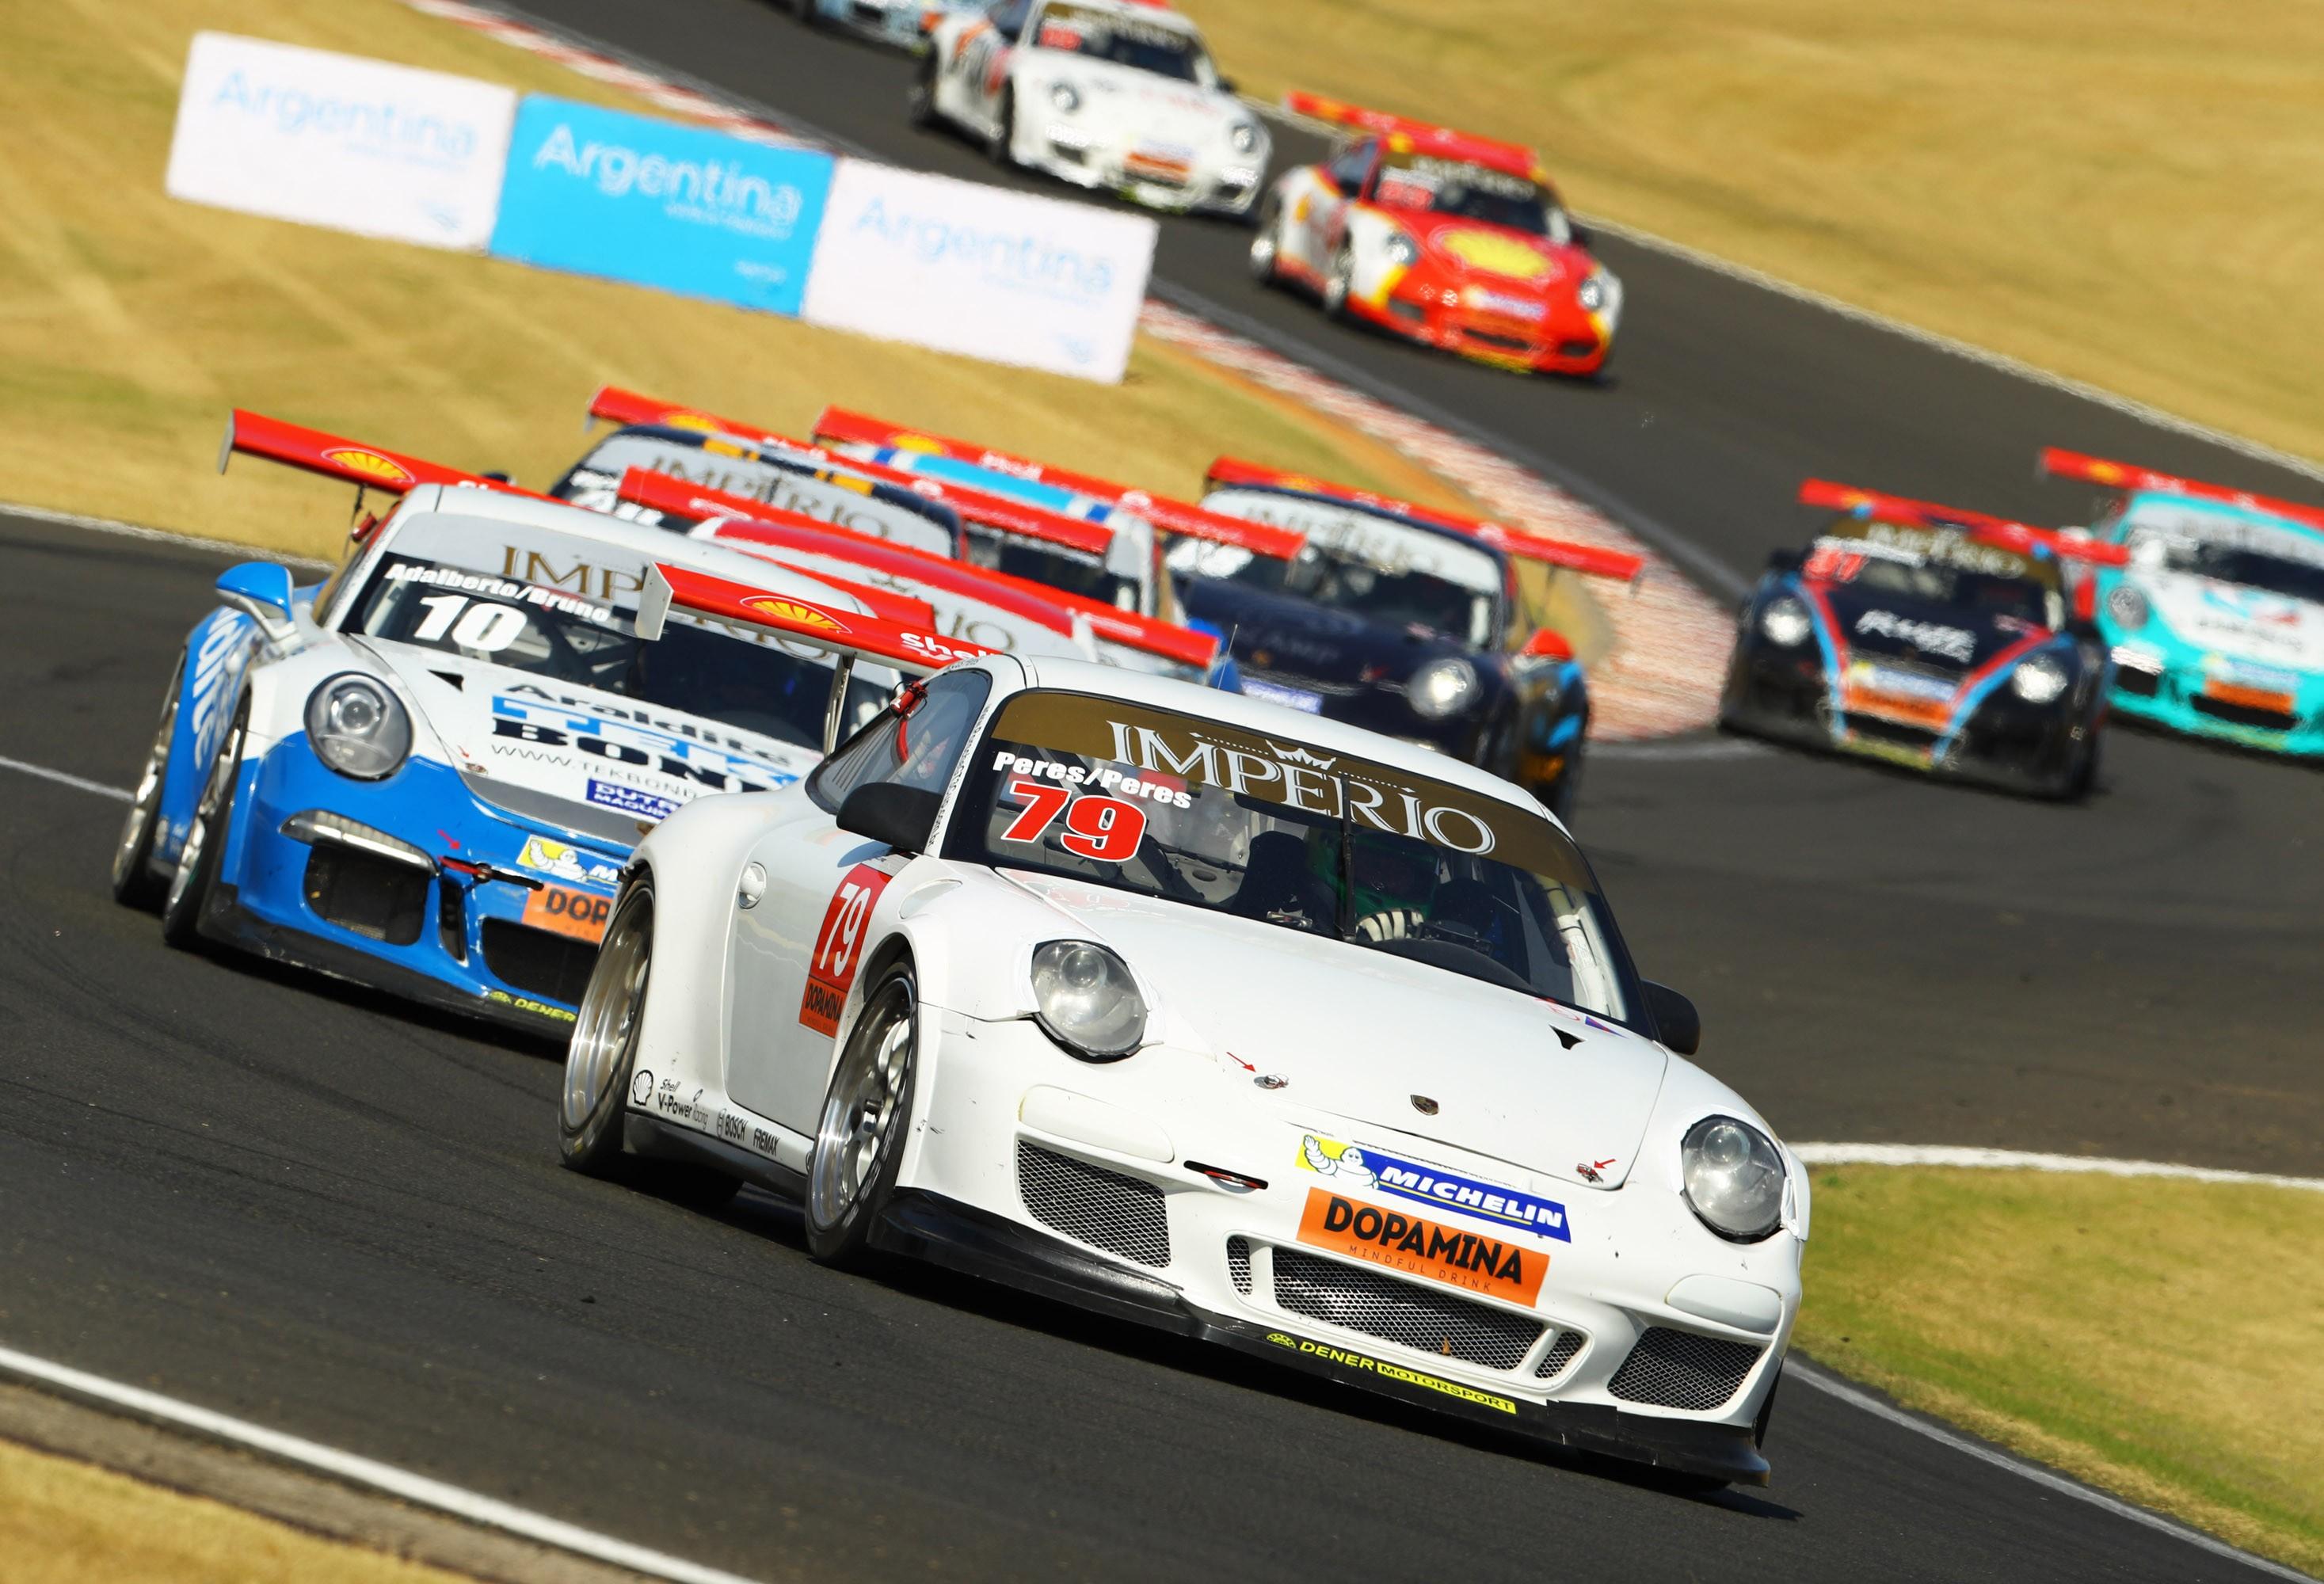 O Porsche #79 categoria Challenge da dupla Marcus Peres/Lucas Peres (Foto: Porsche Império GT3 Cup/Luca Bassani)